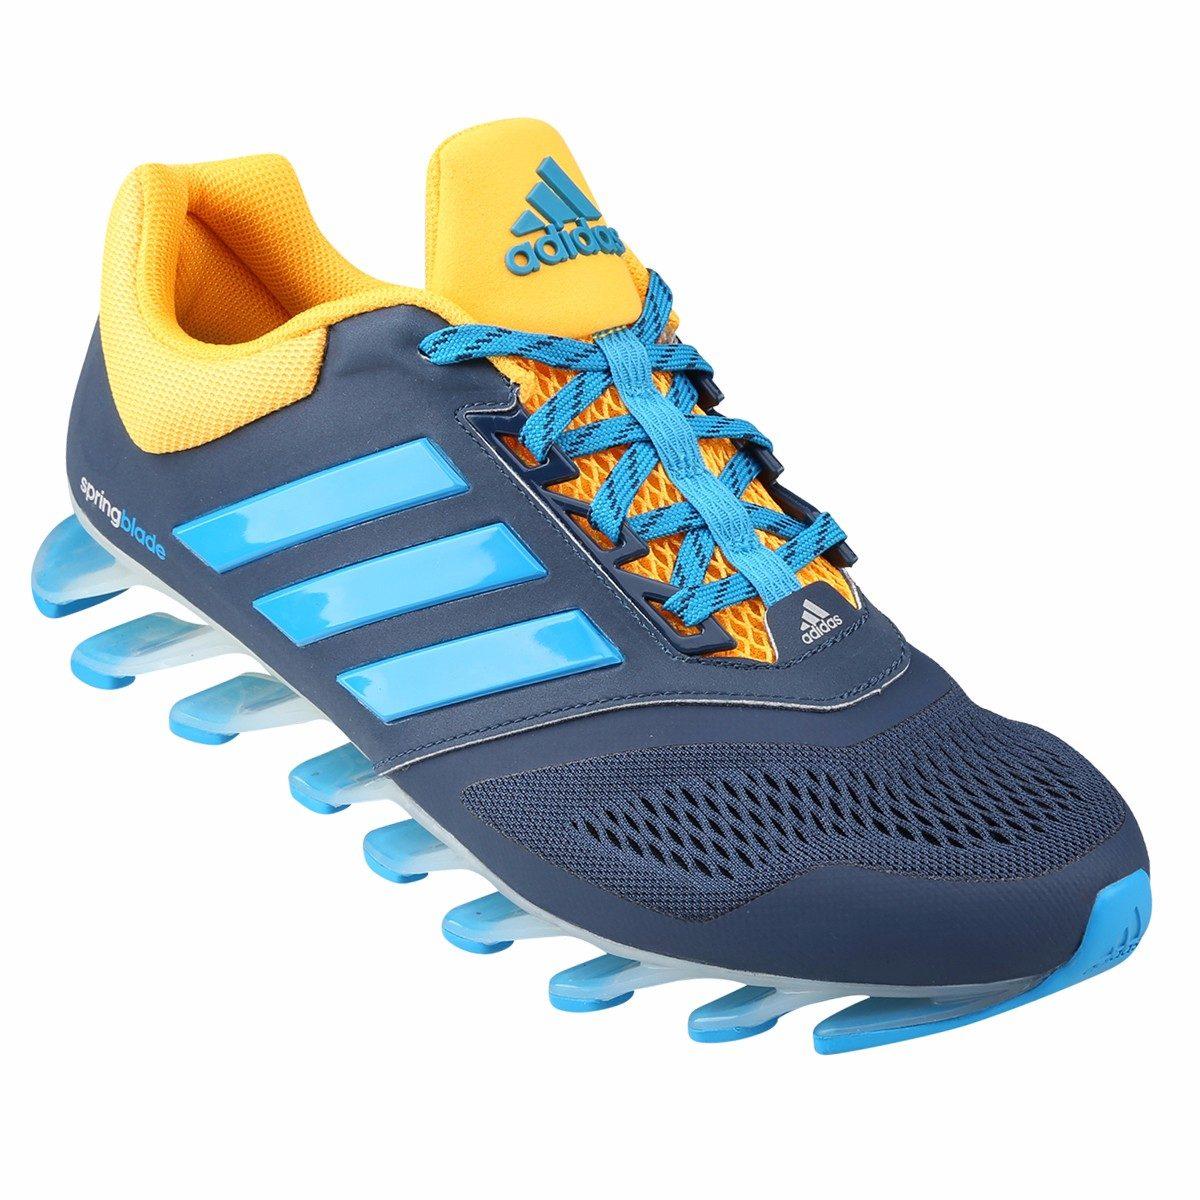 promoção tênis adidas springblade driver 2 aq8115. Carregando zoom. e8aebea1ccac3